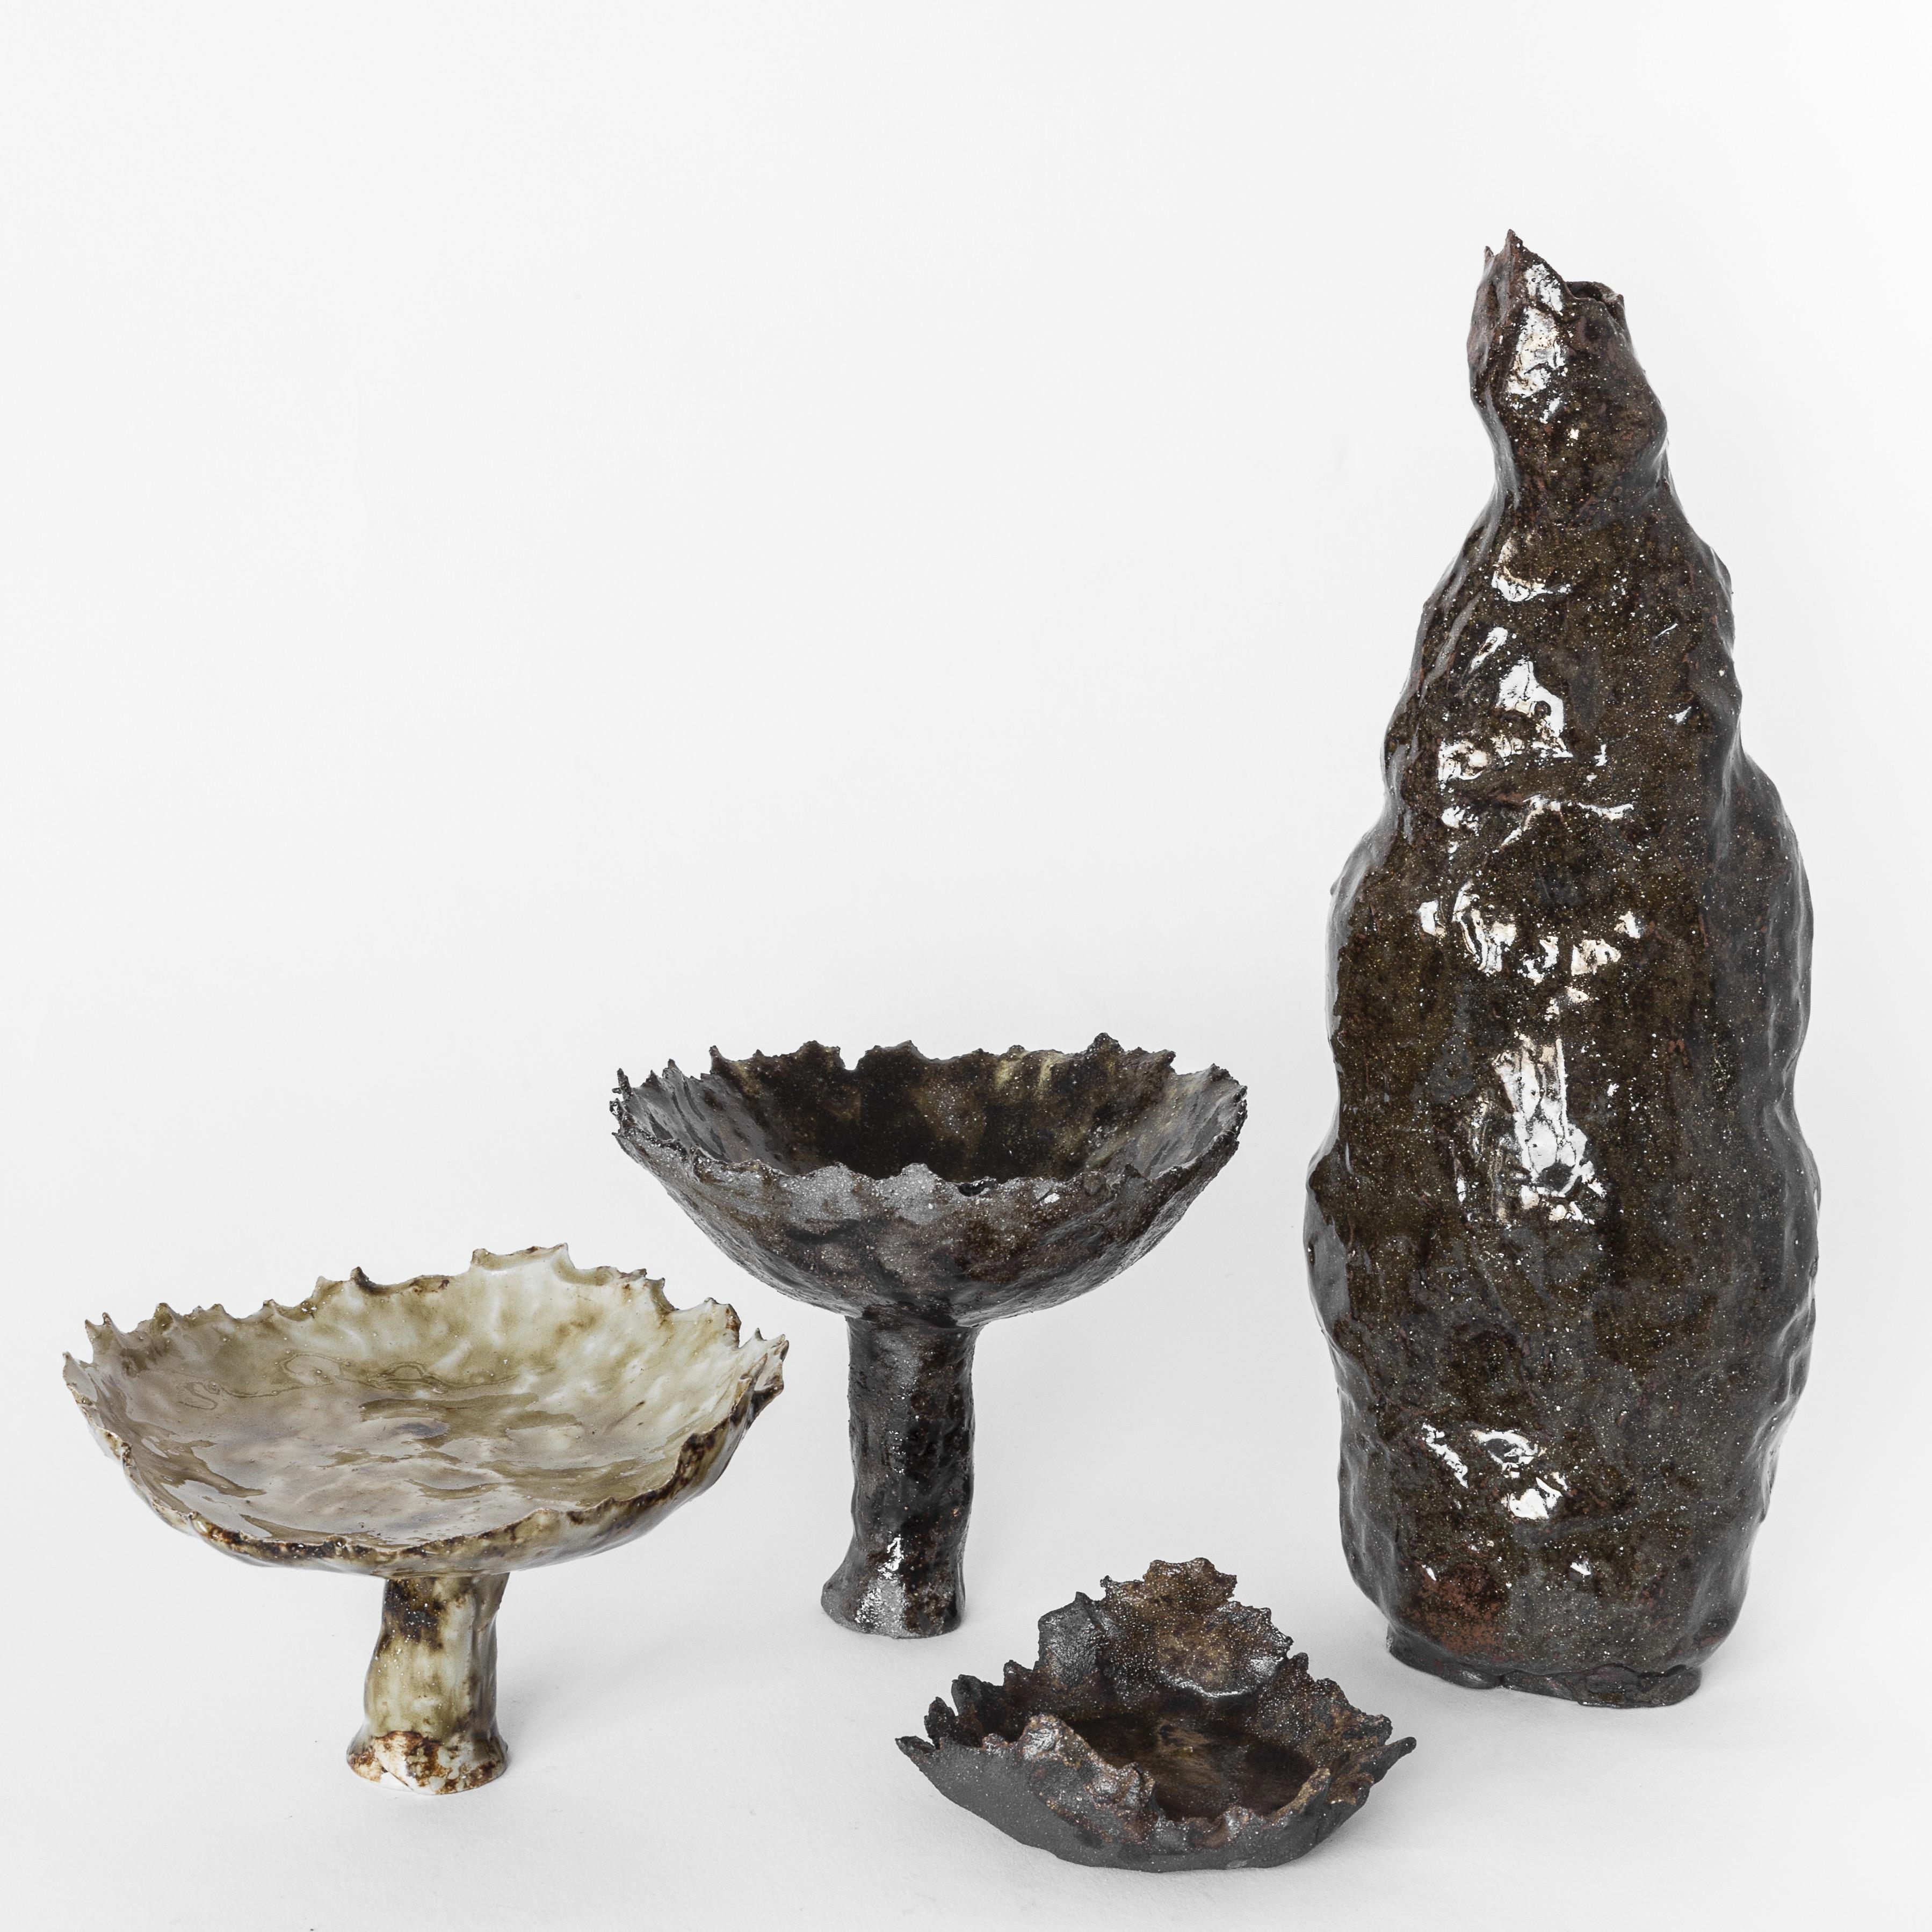 Stefan Zeisler - clay_ton71/01